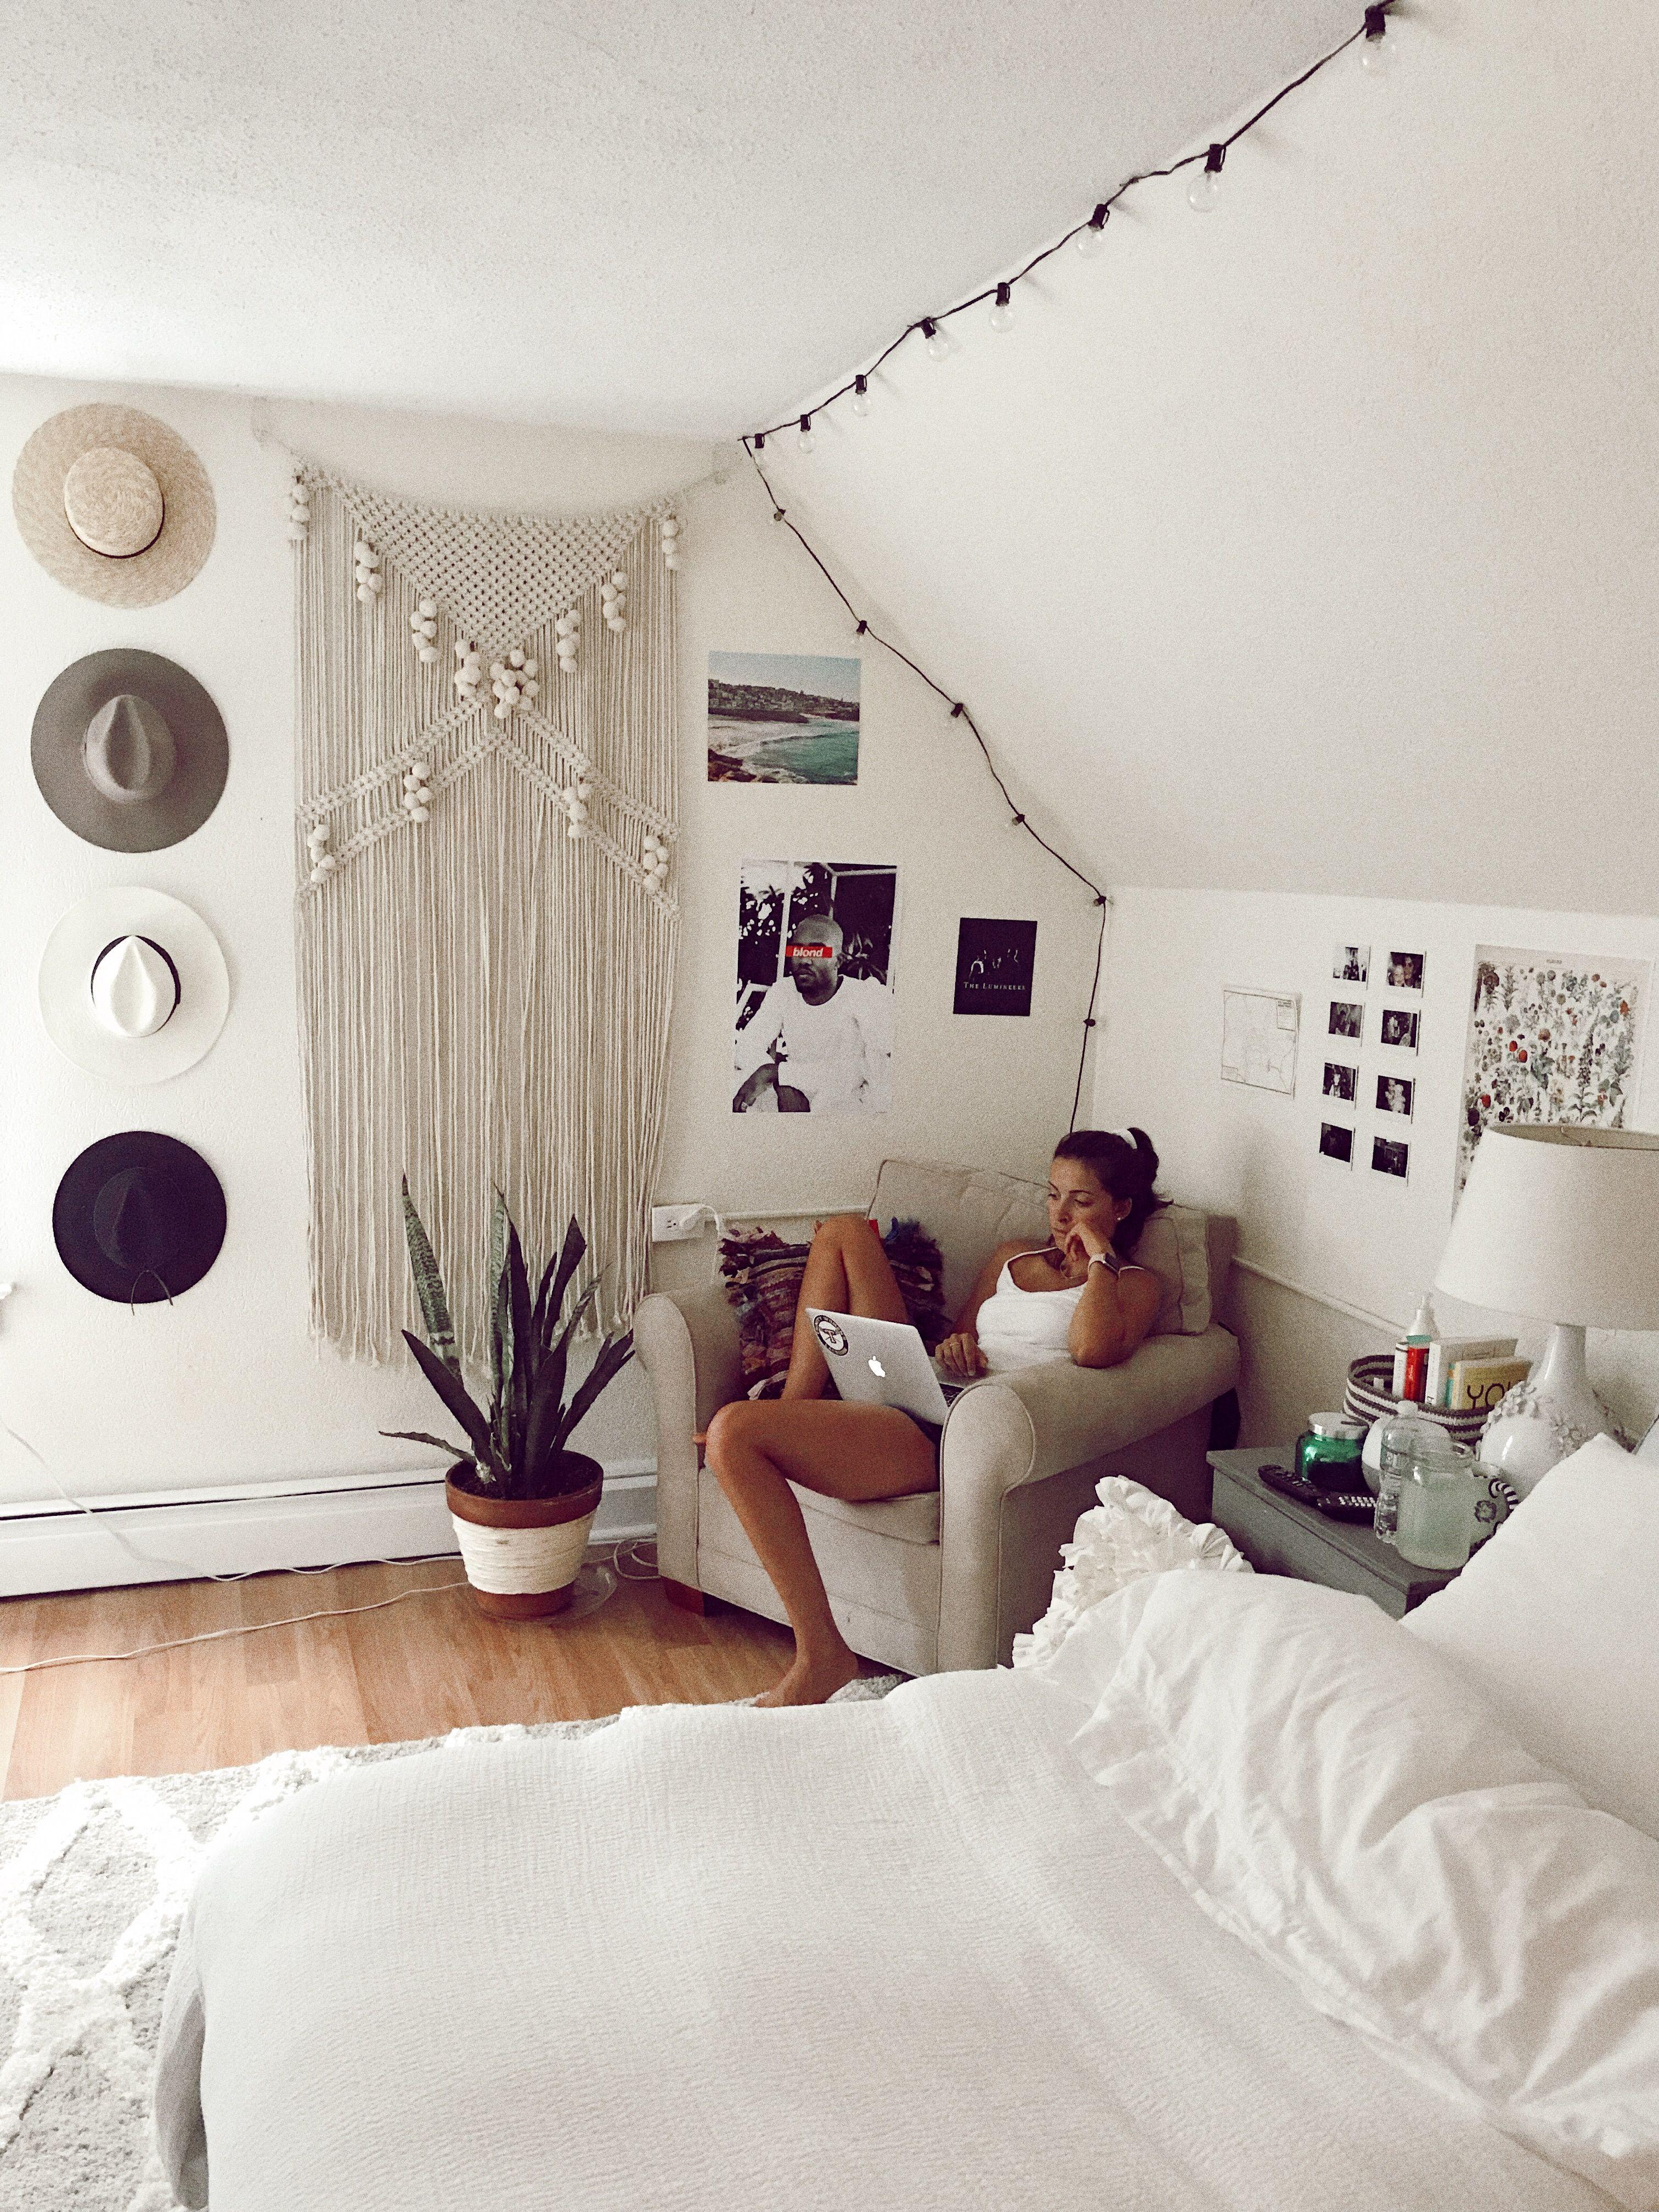 Pin by nofiiii on Minimalist Room  Boho dorm room, Room